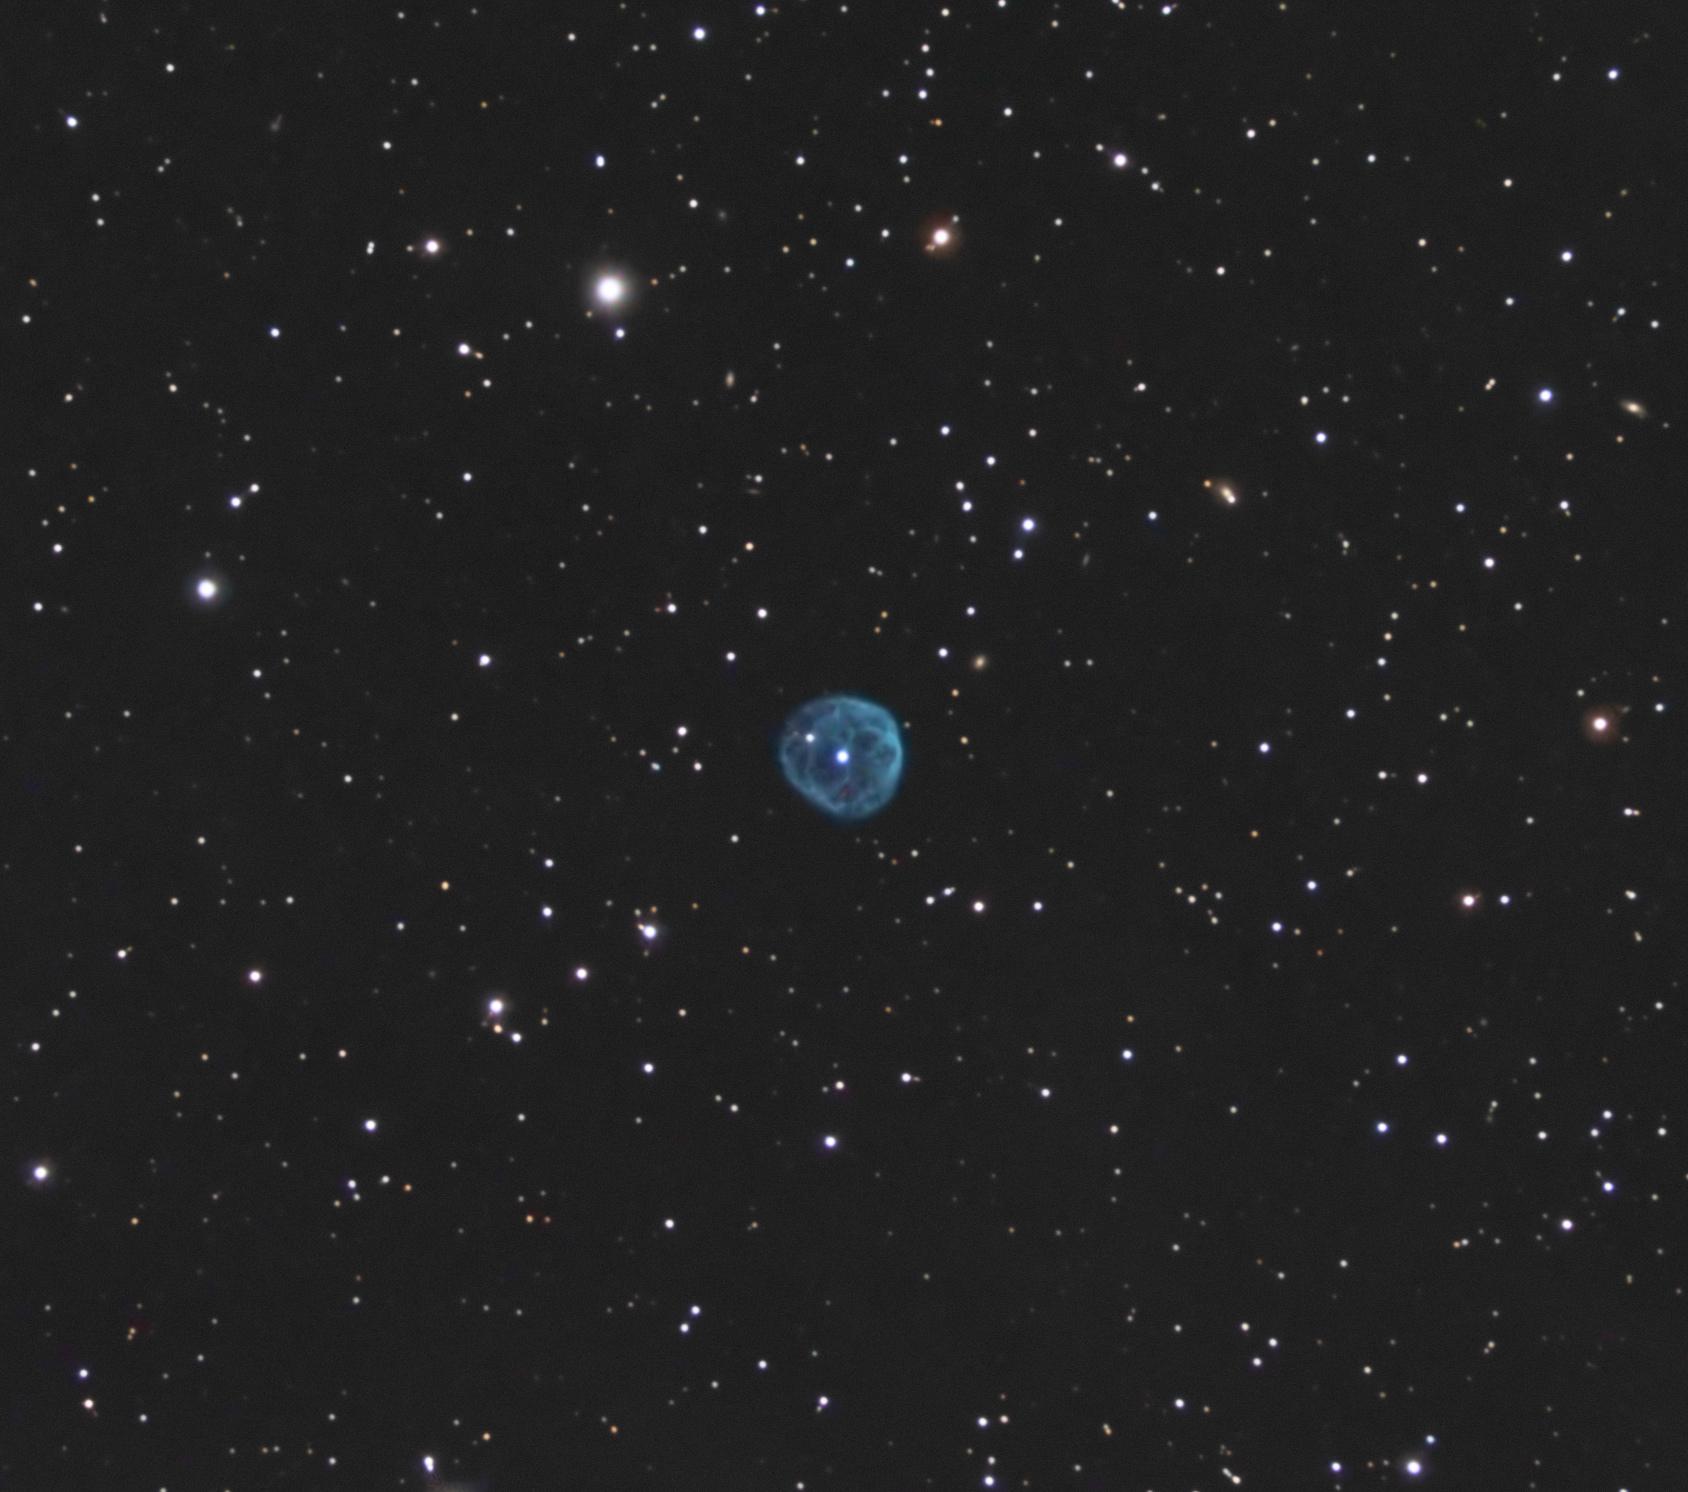 5db45130cb78c_NGC7094.jpg.d5130adb8a9e657968dacd120afee570.jpg